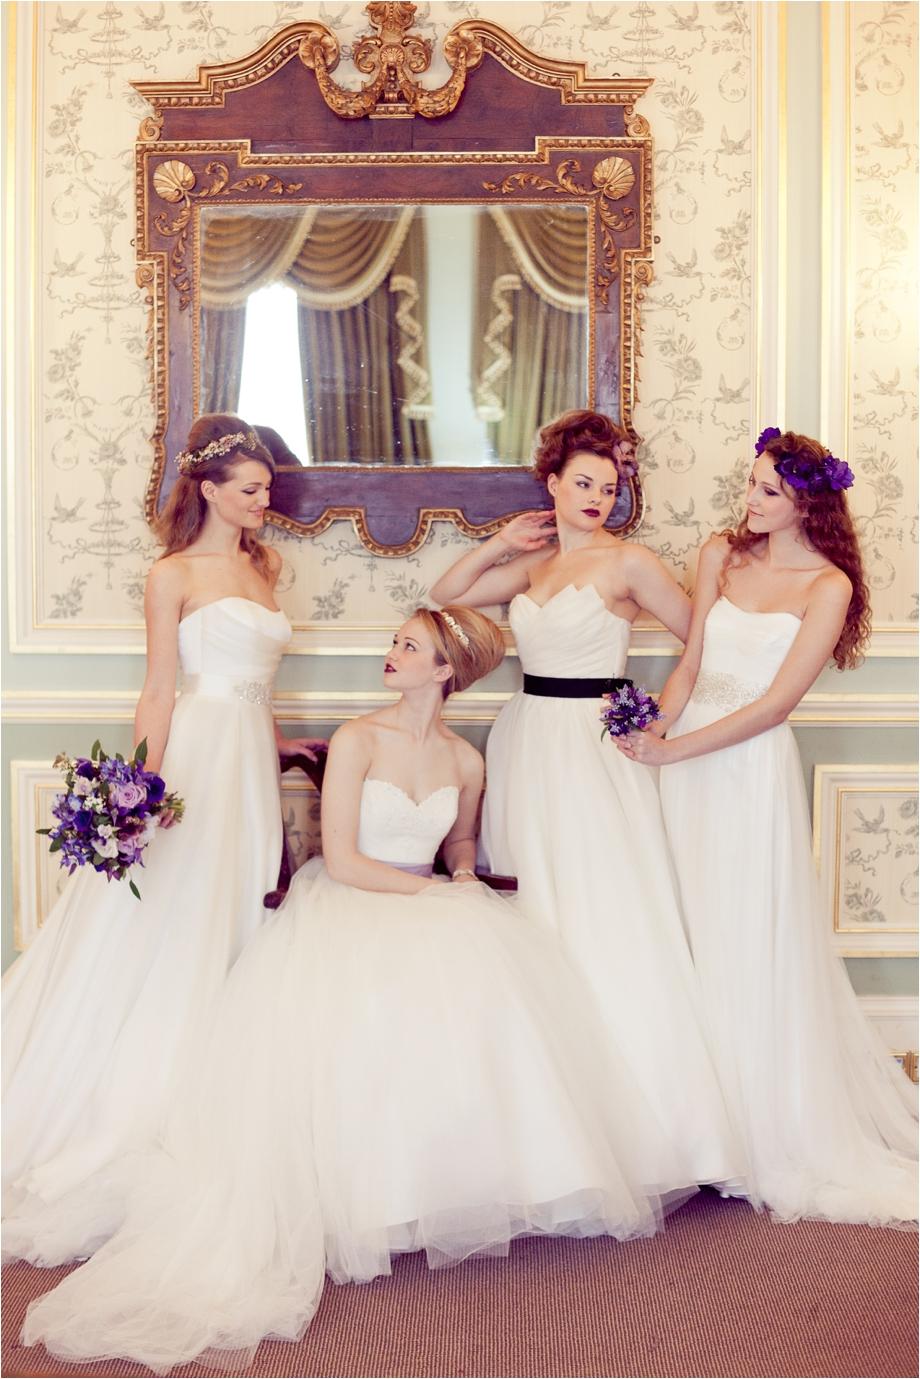 128_eddie-judd-photography-miss-bush-bridal-debutantes_1103_FB